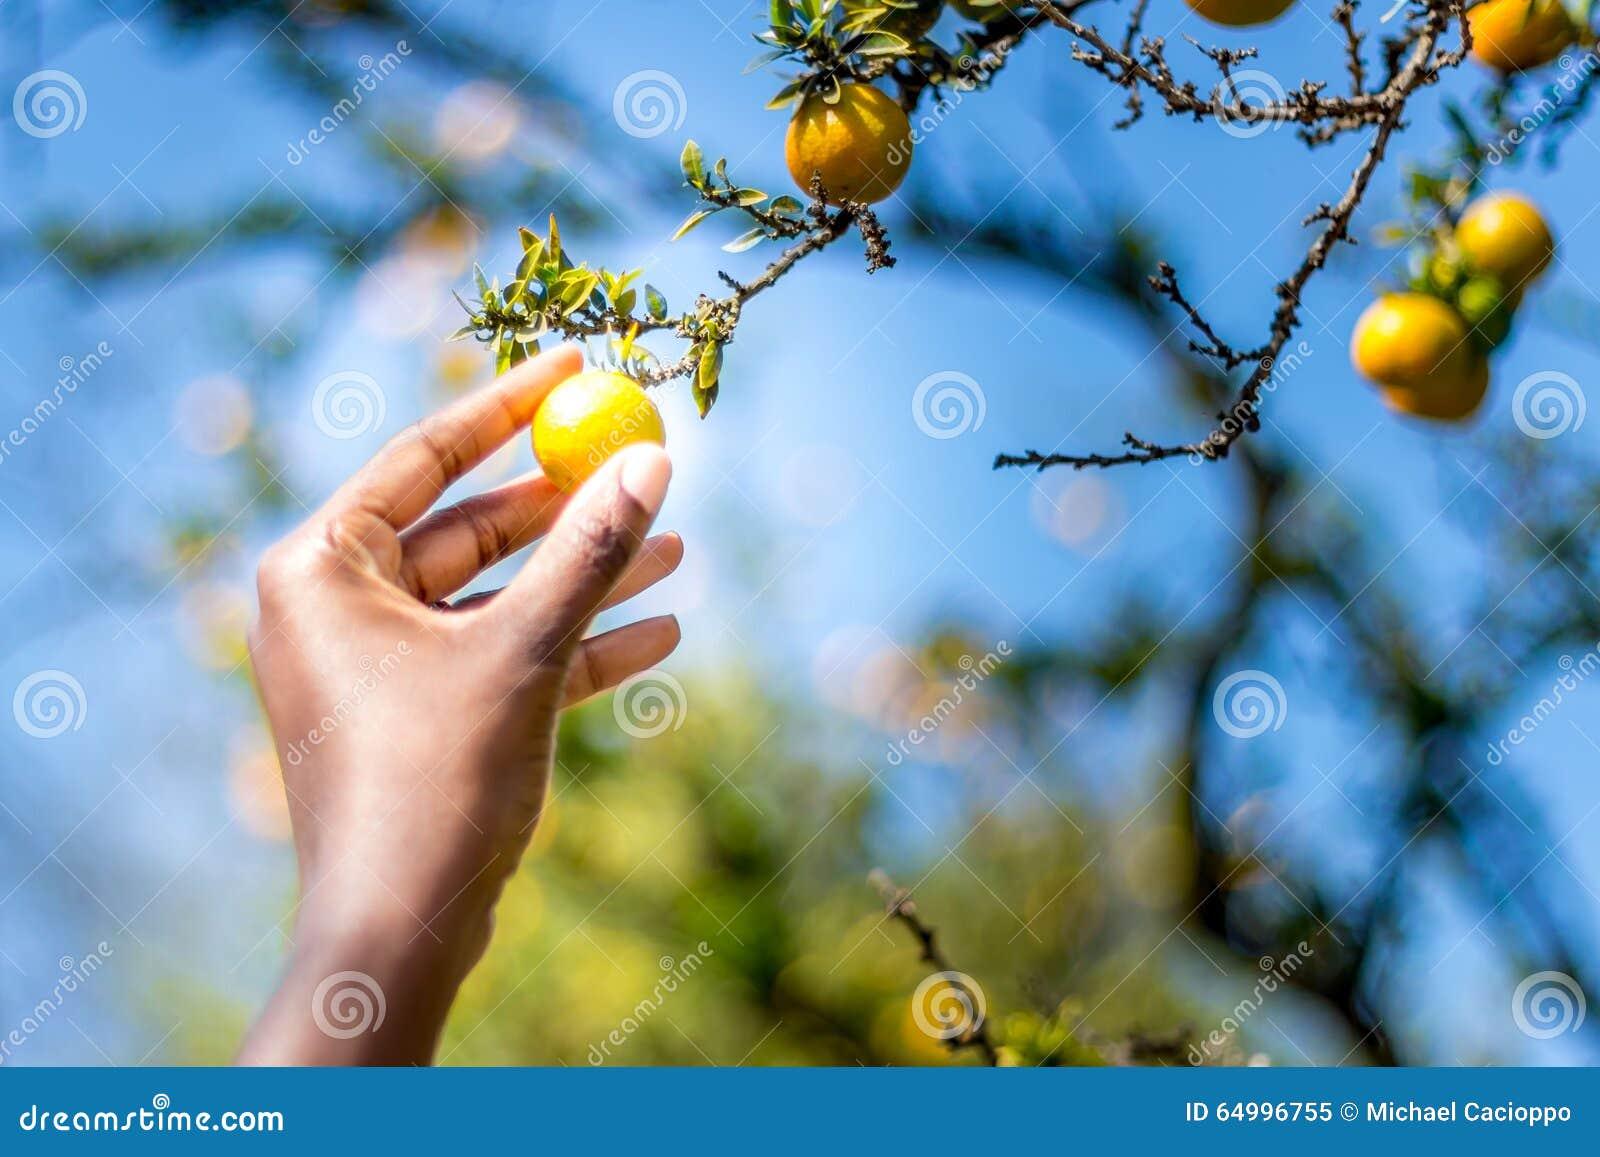 Låg hängande frukt